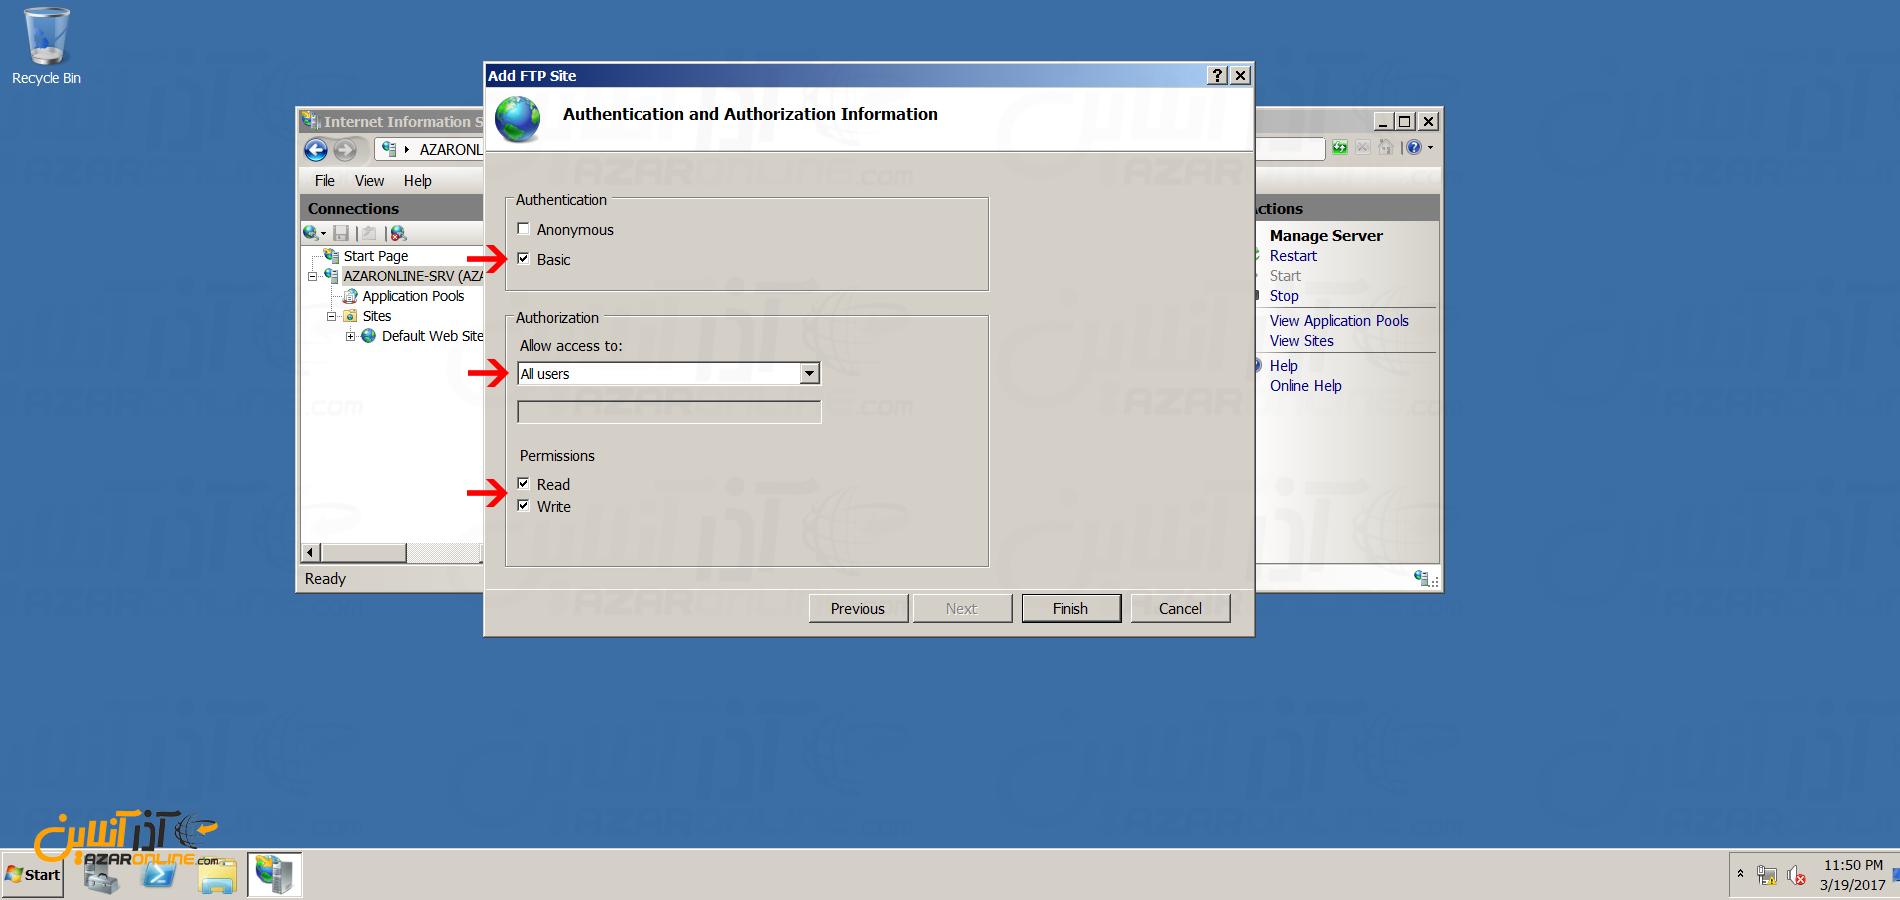 نصب FTP سرور در ویندوز سرور 2008 - انتخاب یوزر